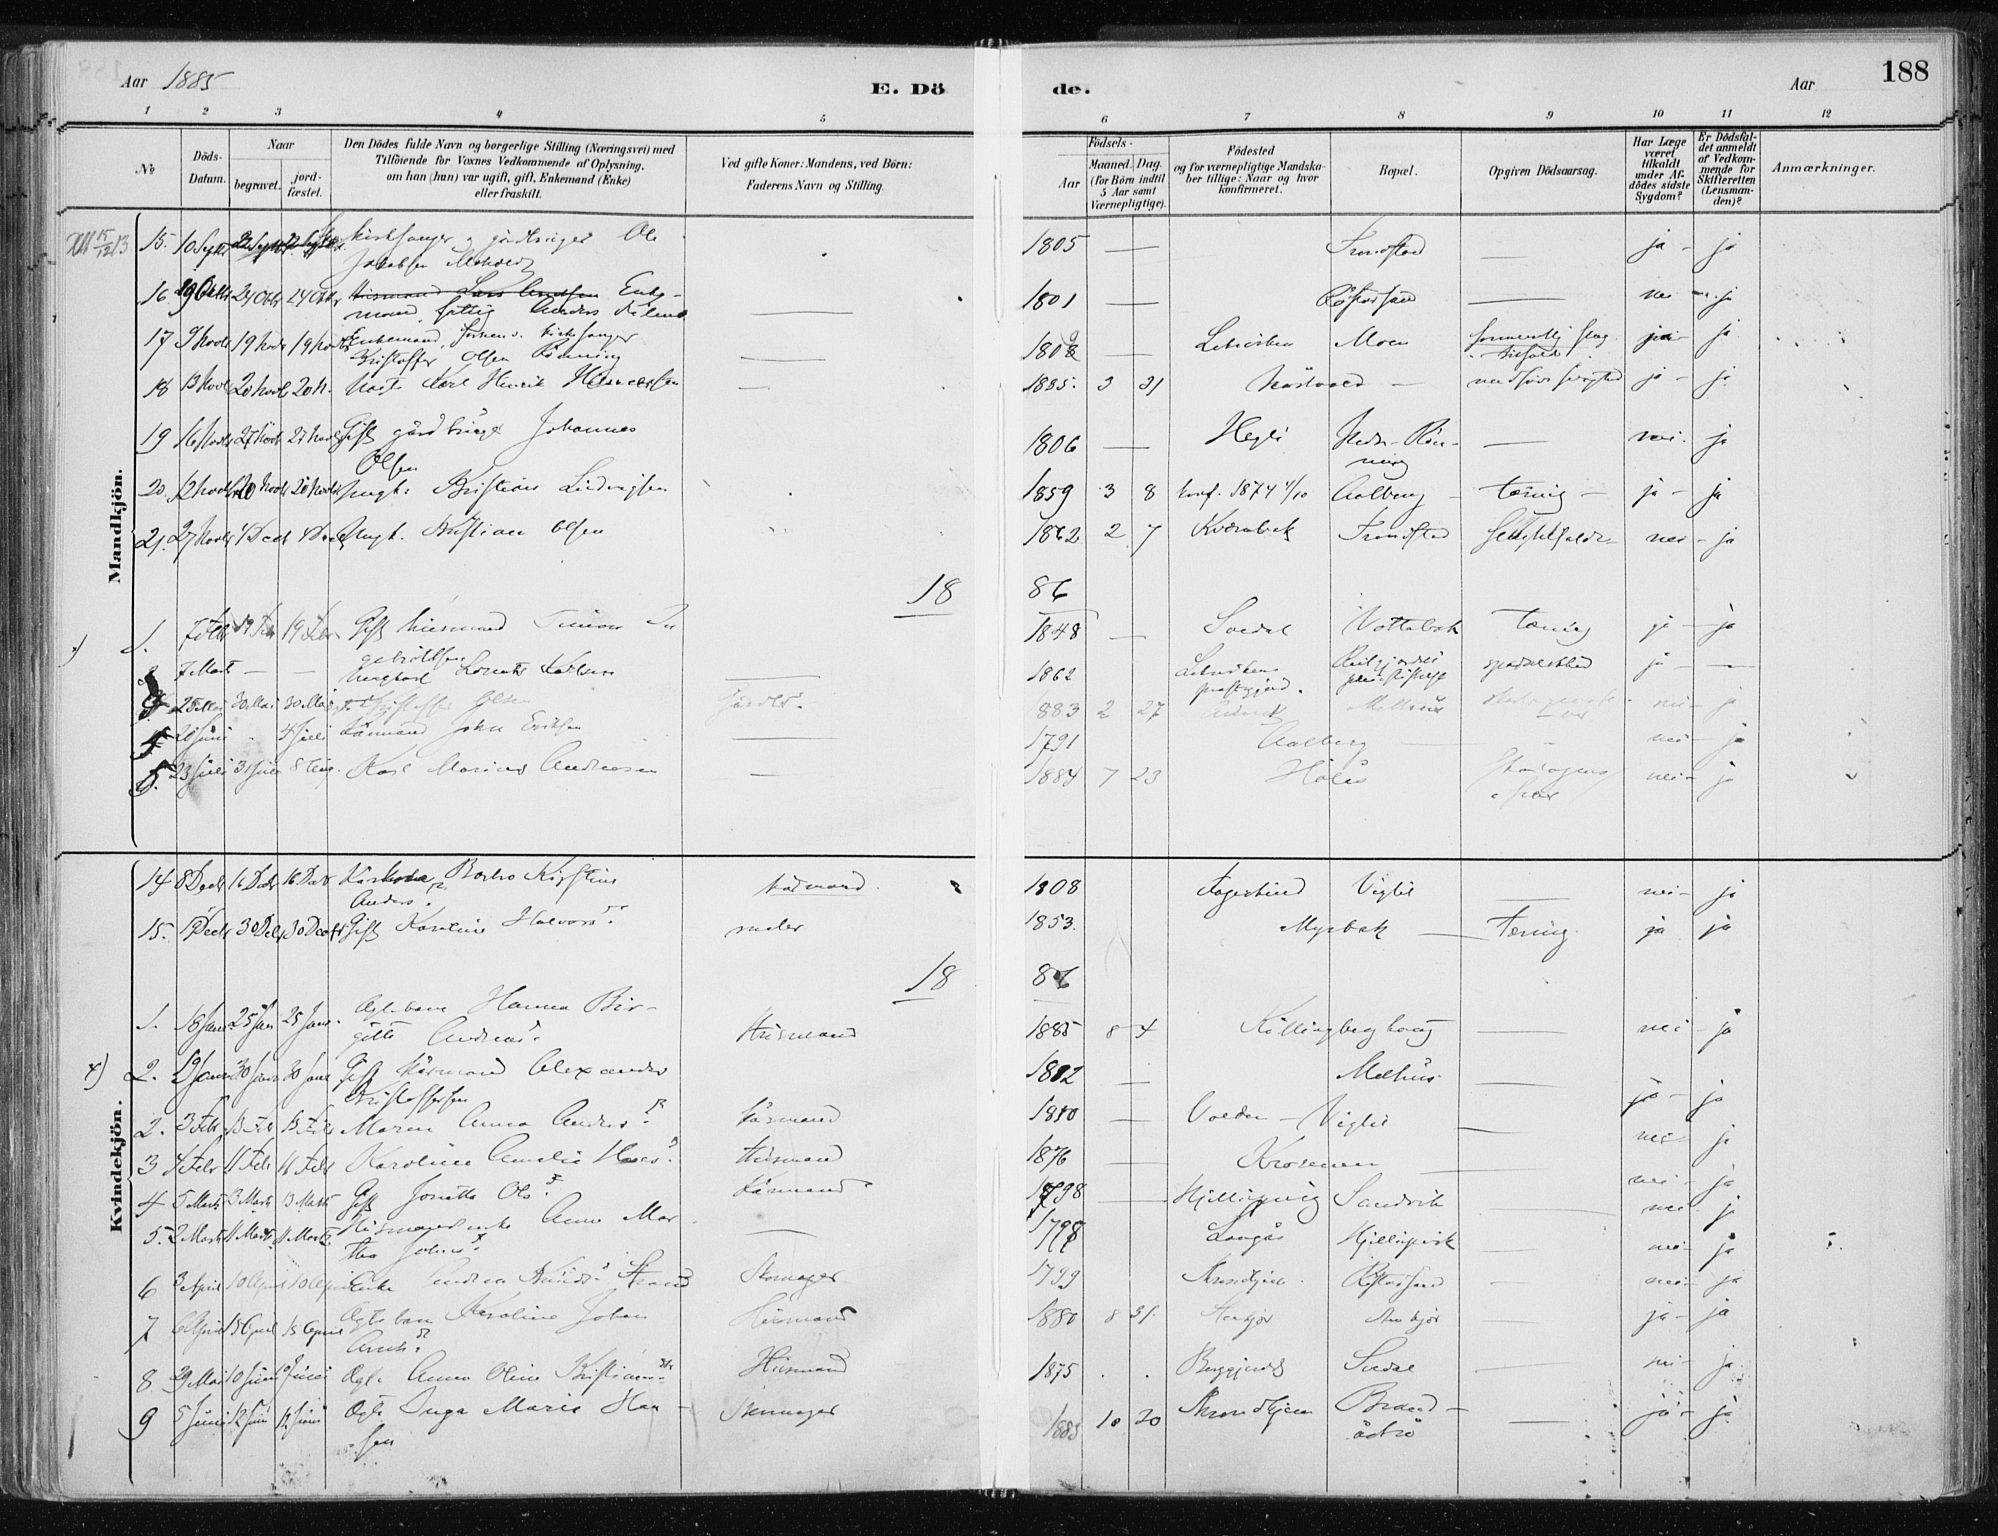 SAT, Ministerialprotokoller, klokkerbøker og fødselsregistre - Nord-Trøndelag, 701/L0010: Ministerialbok nr. 701A10, 1883-1899, s. 188